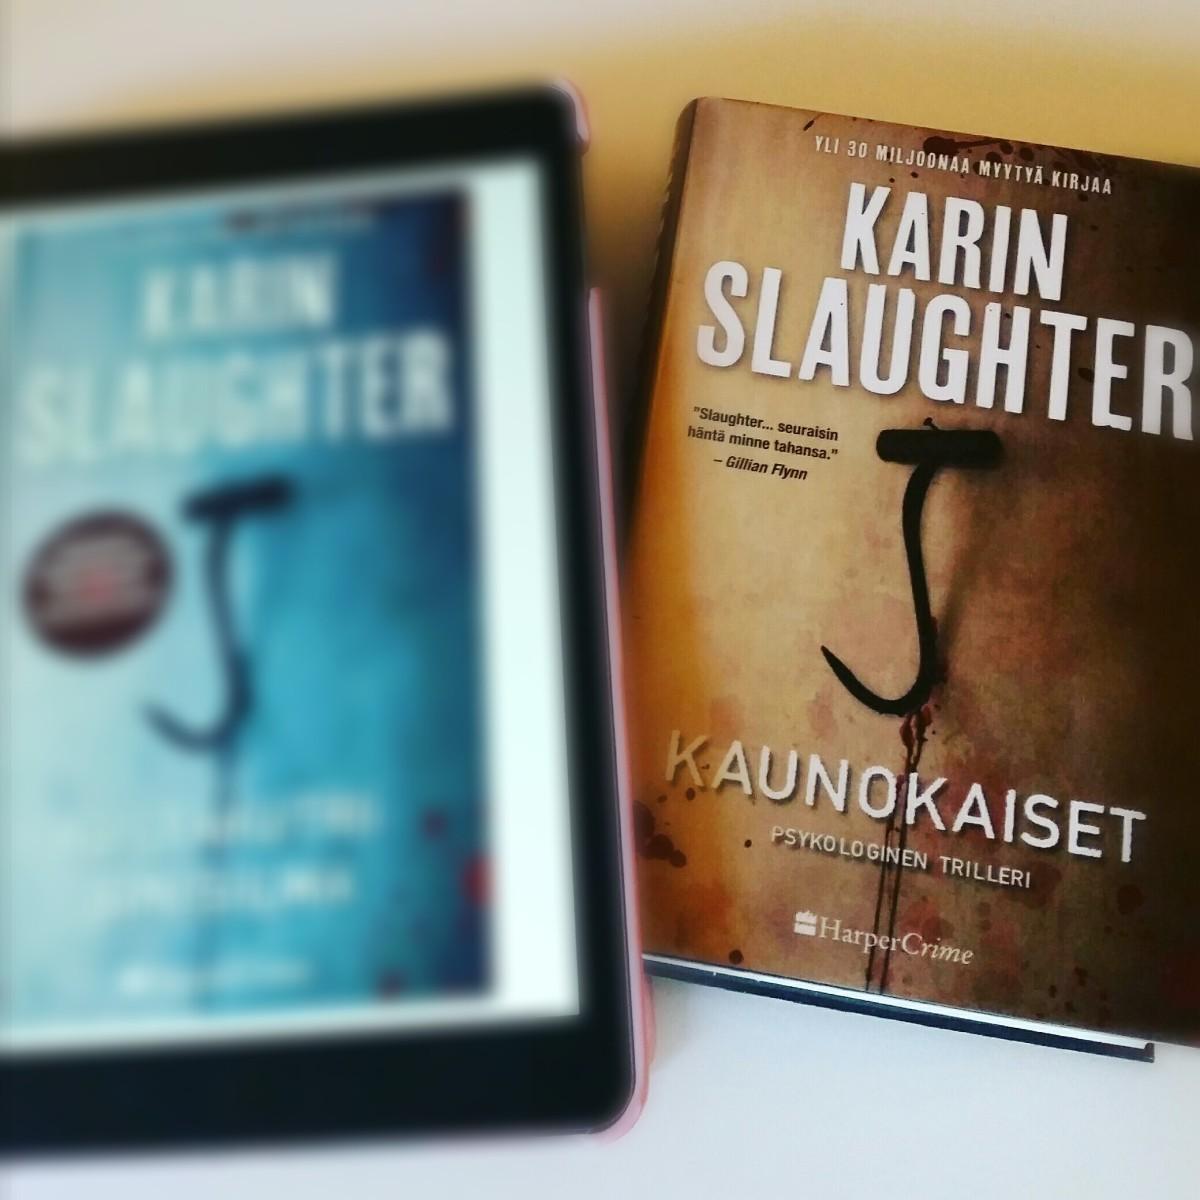 Karin Slaughter: Kaunokaiset